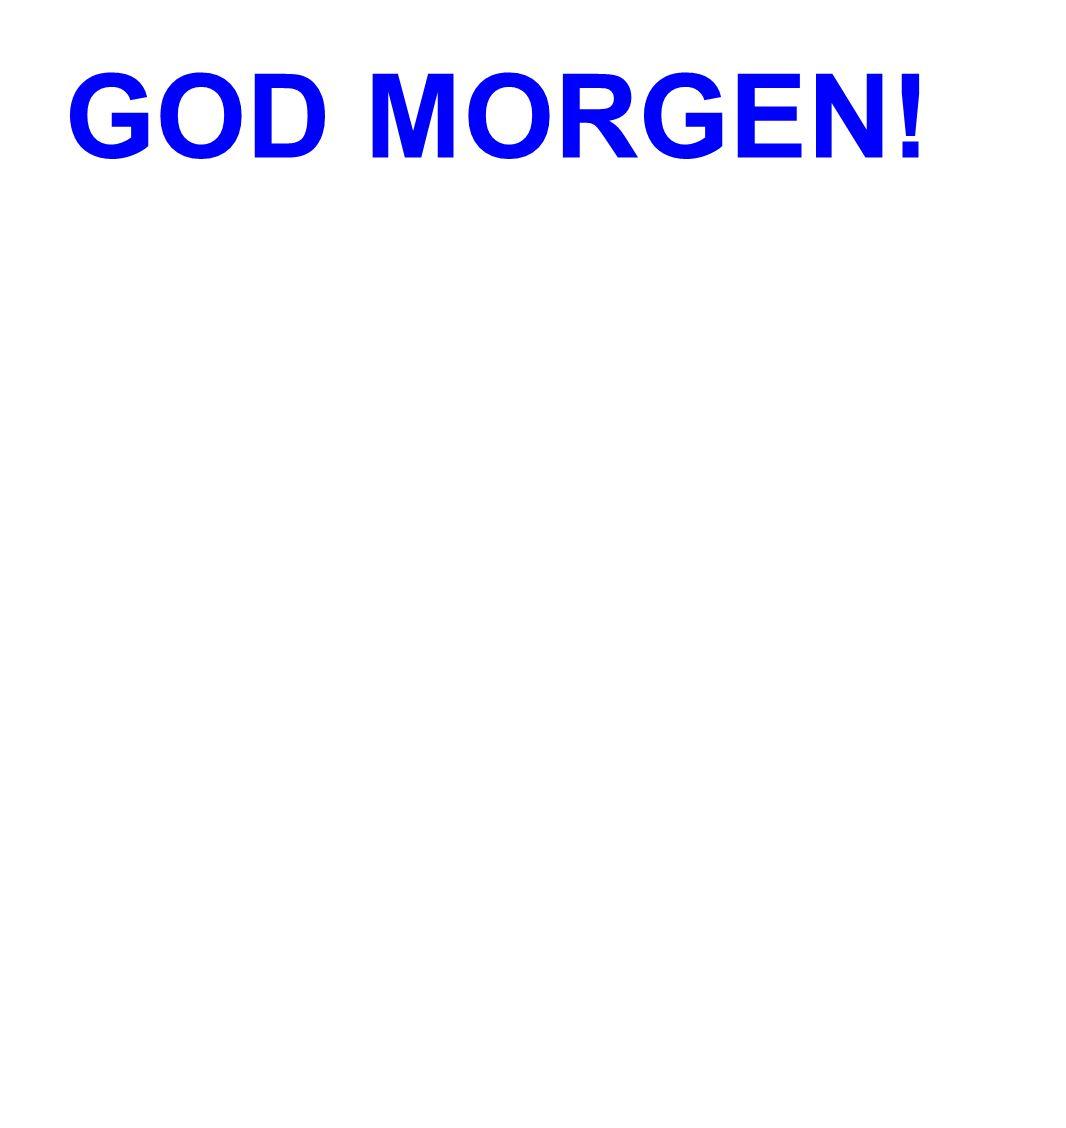 GOD MORGEN!